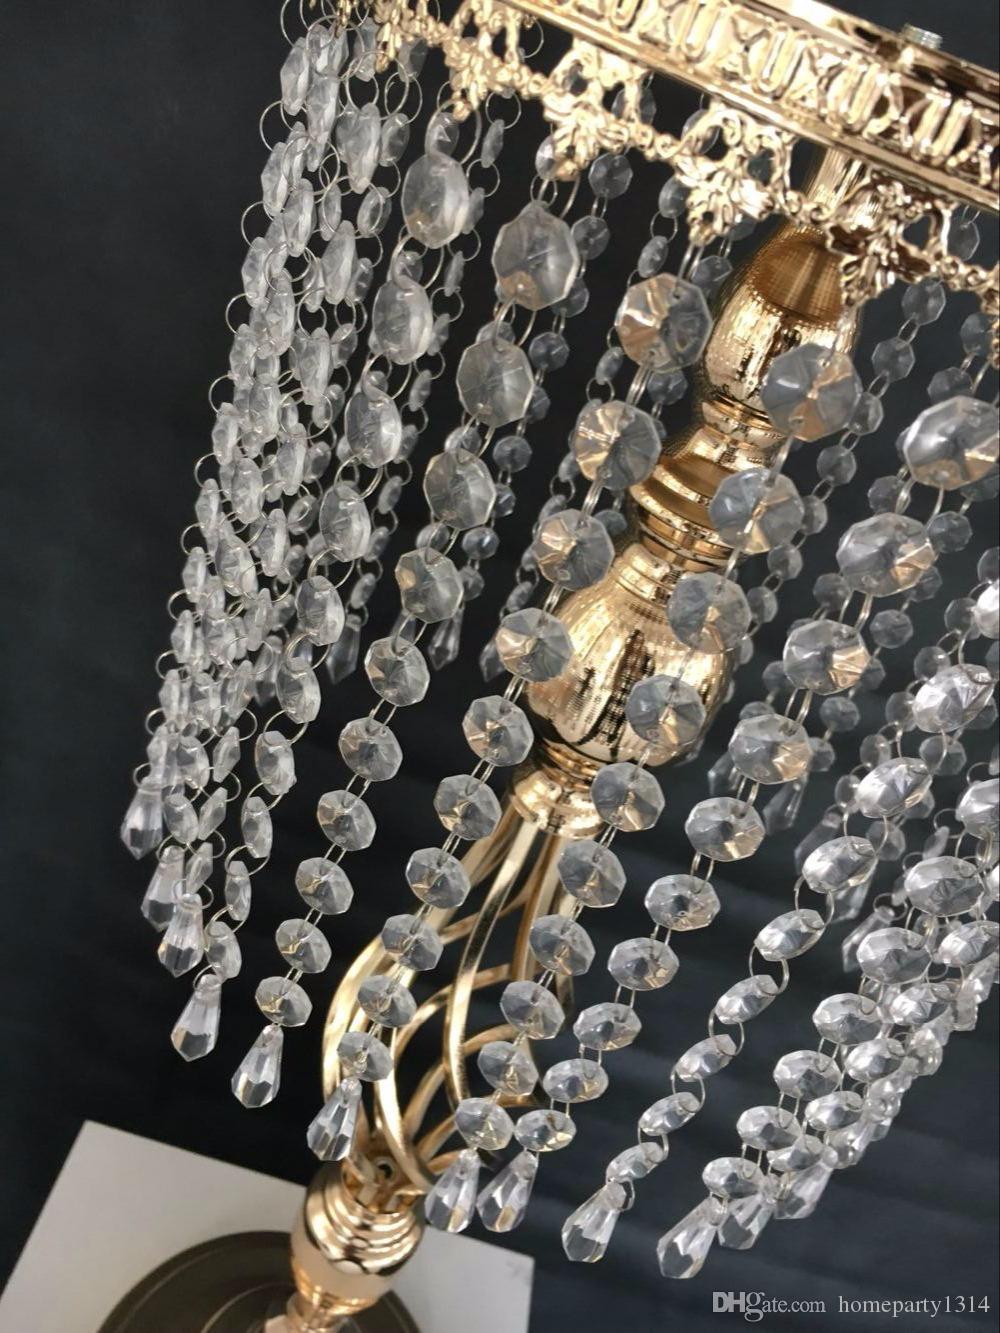 Alta 70 cm do casamento flor decoração de ferro vaso de cristal carrinho de mesa do hotel mesa de centro de flores vaso de exposição do casamento sinal de estrada da estrada de chumbo